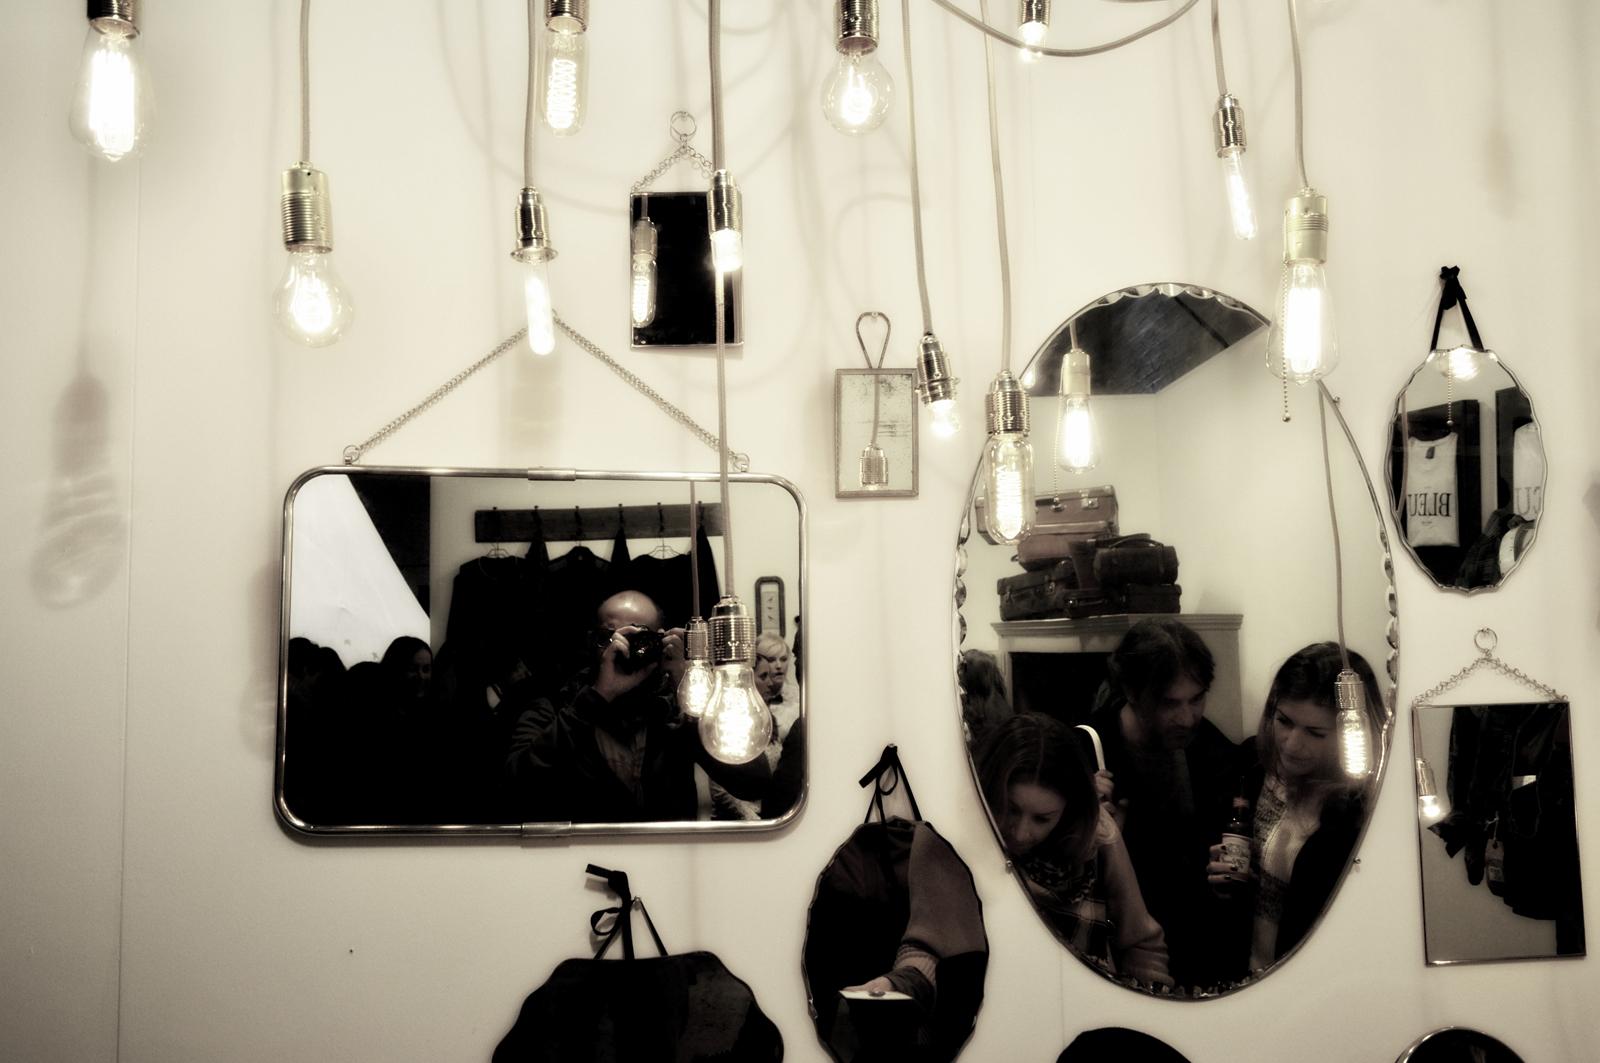 escoge la forma perfecta de espejo para tus rincones favoritos